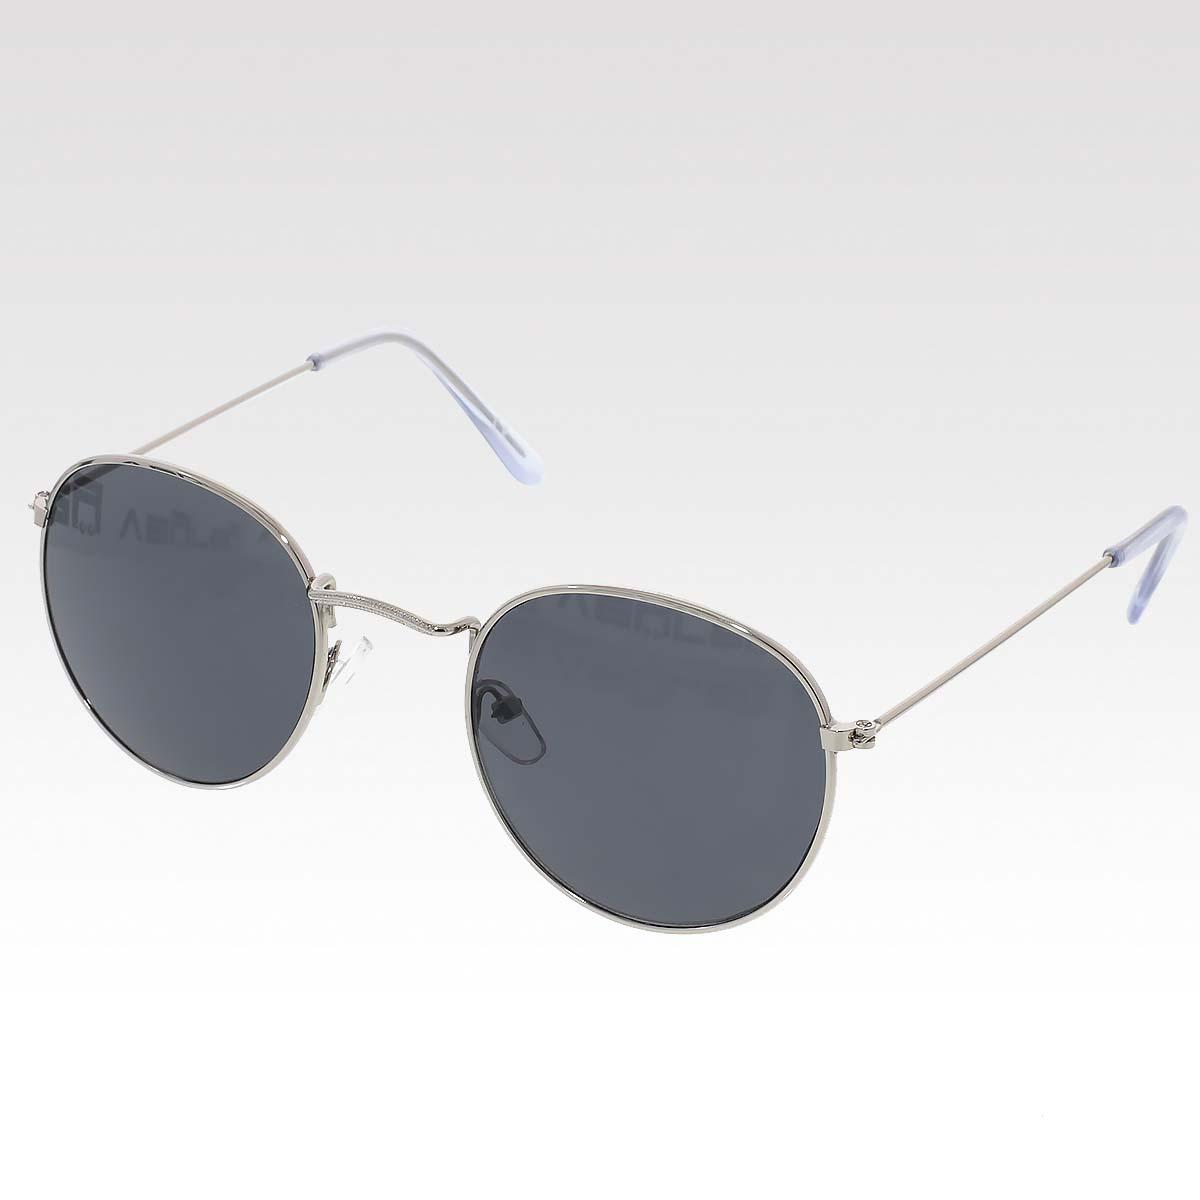 Sluneční brýle Oculos stříbrné obroučky černá skla.